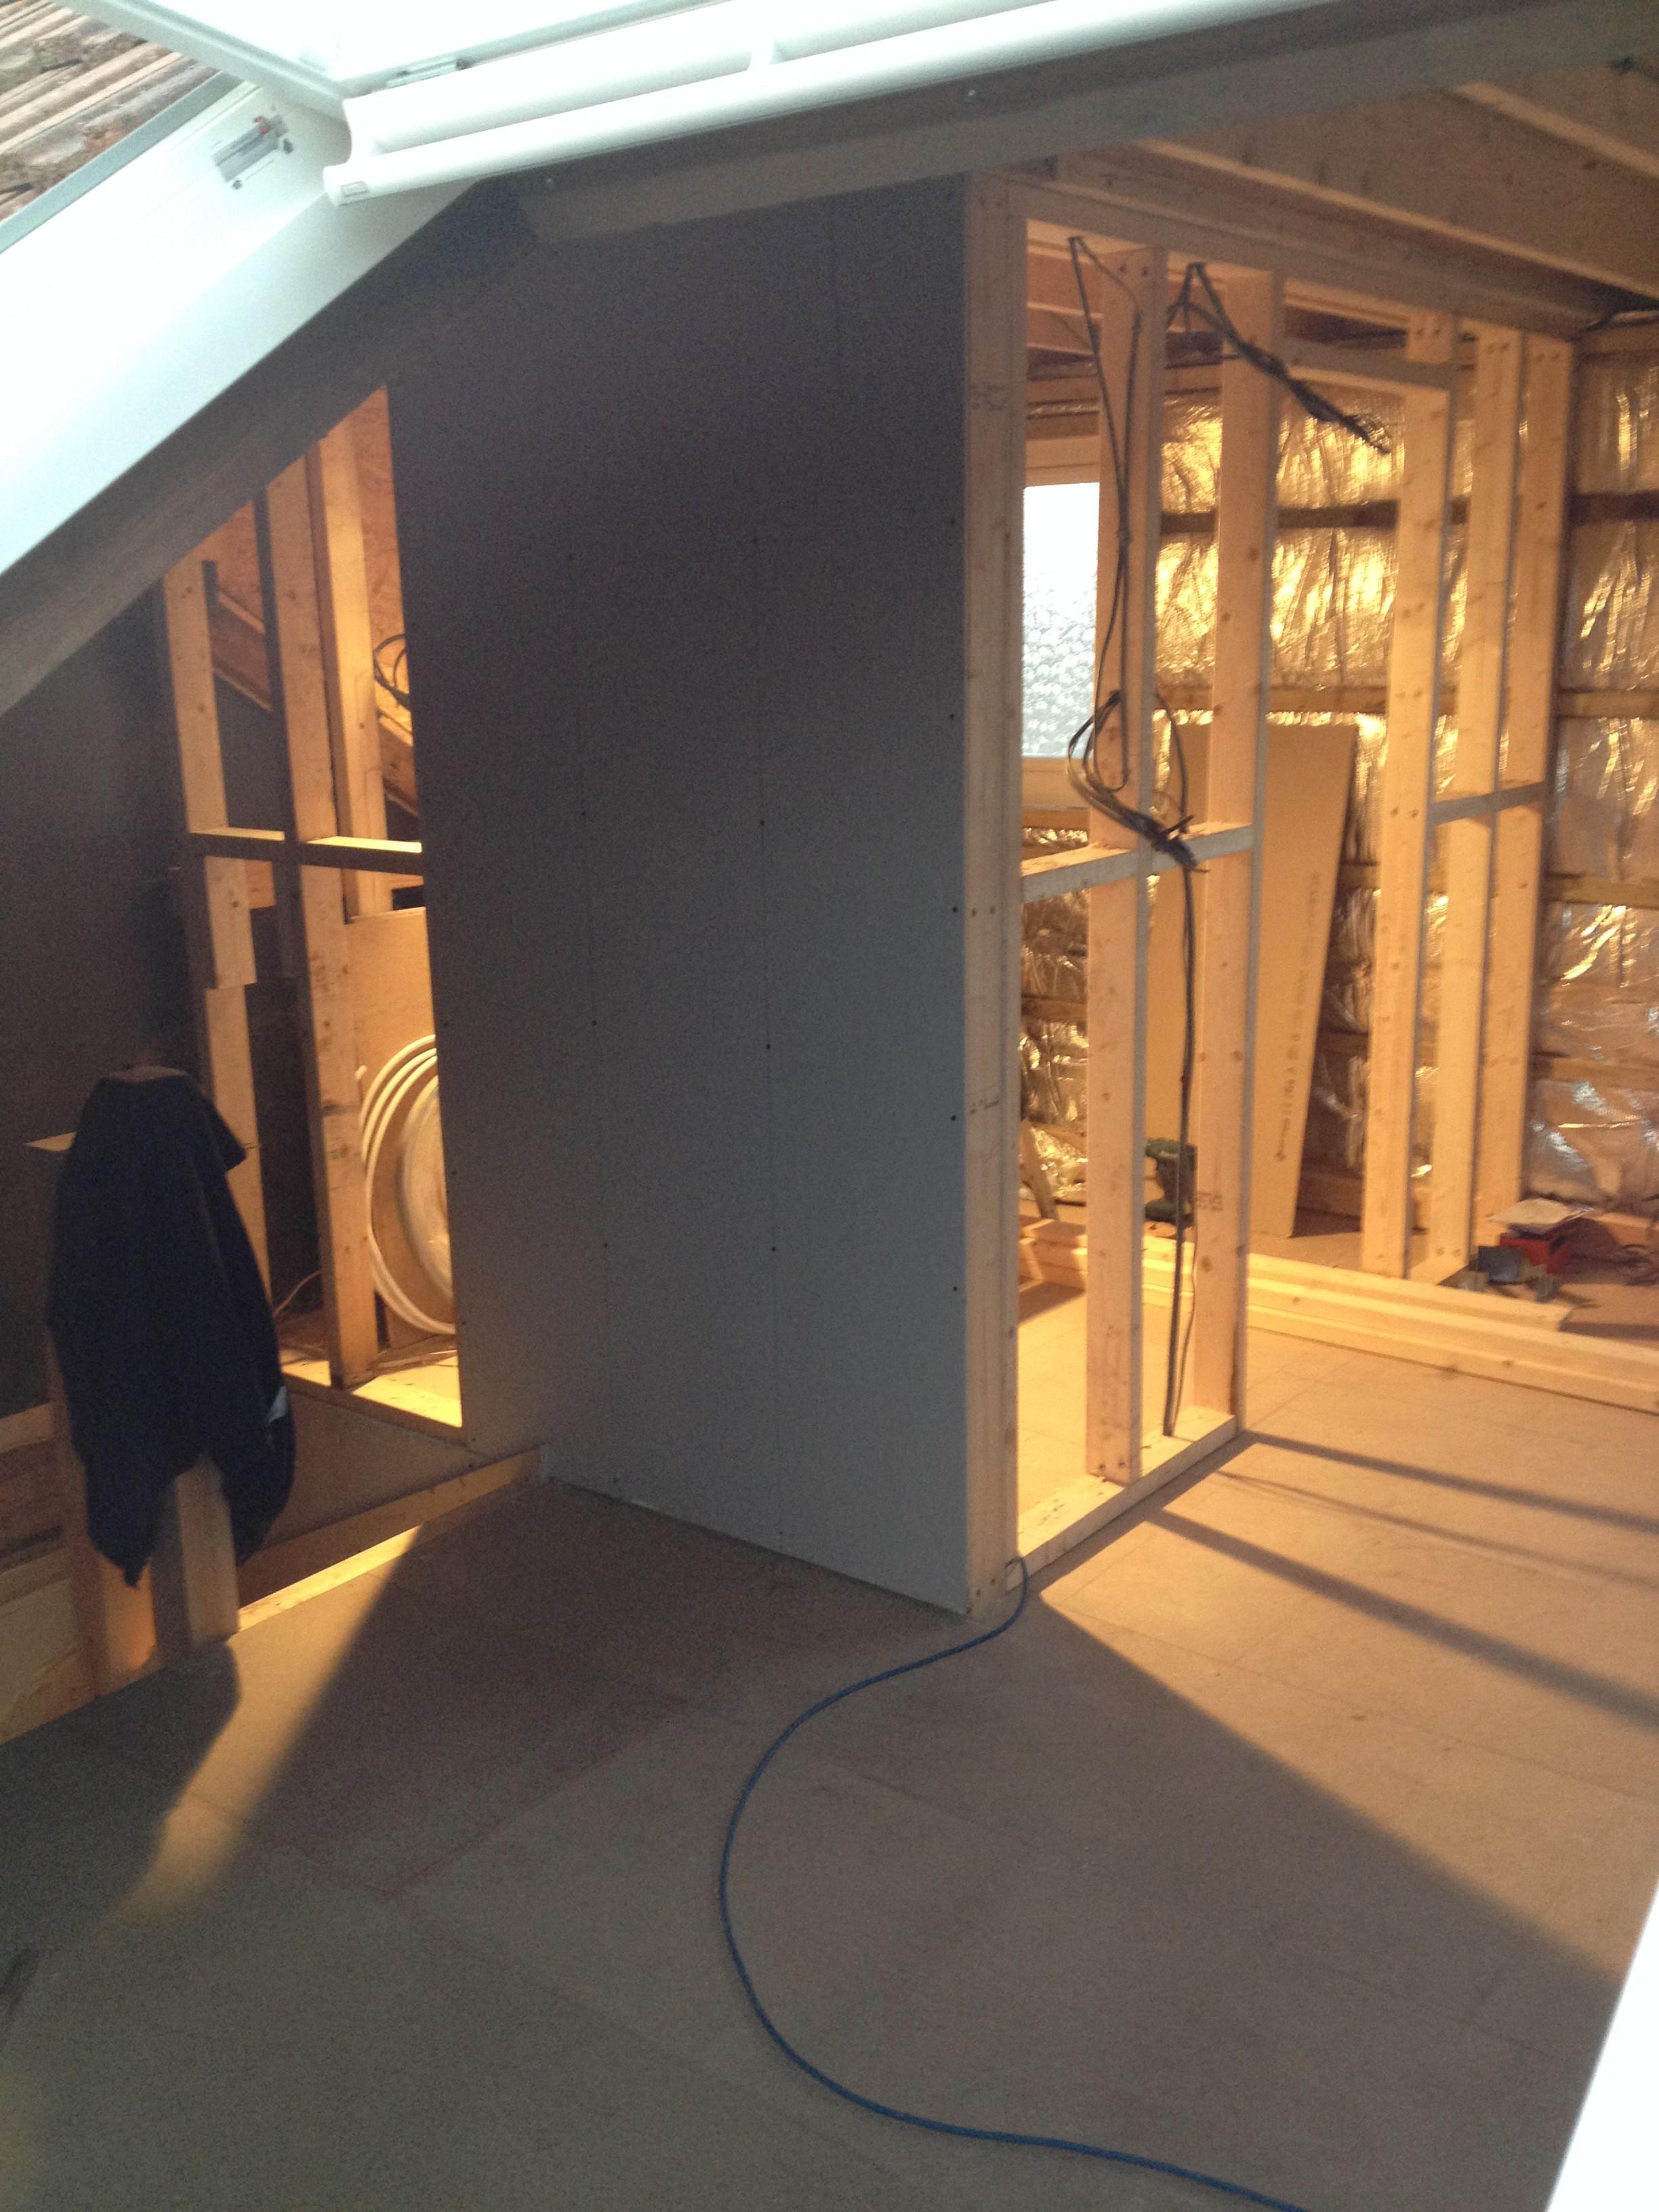 Loft conversion - studwork for en-suite